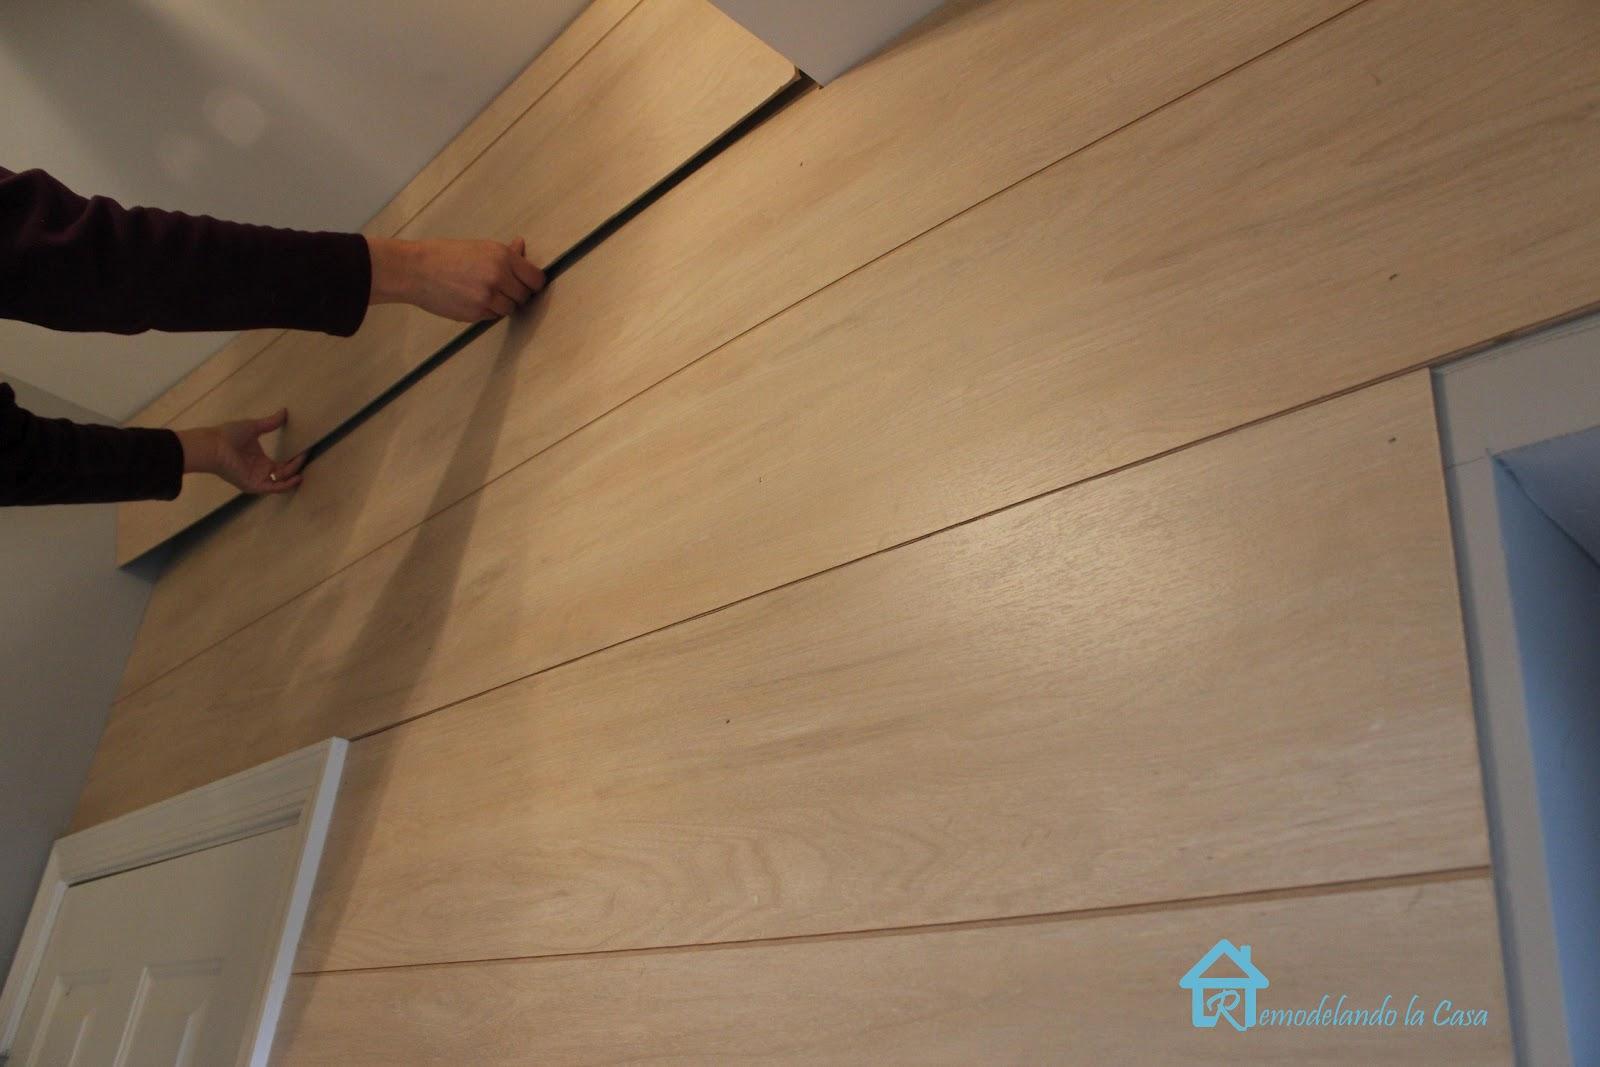 Shiplap Walls - Remodelando la Casa